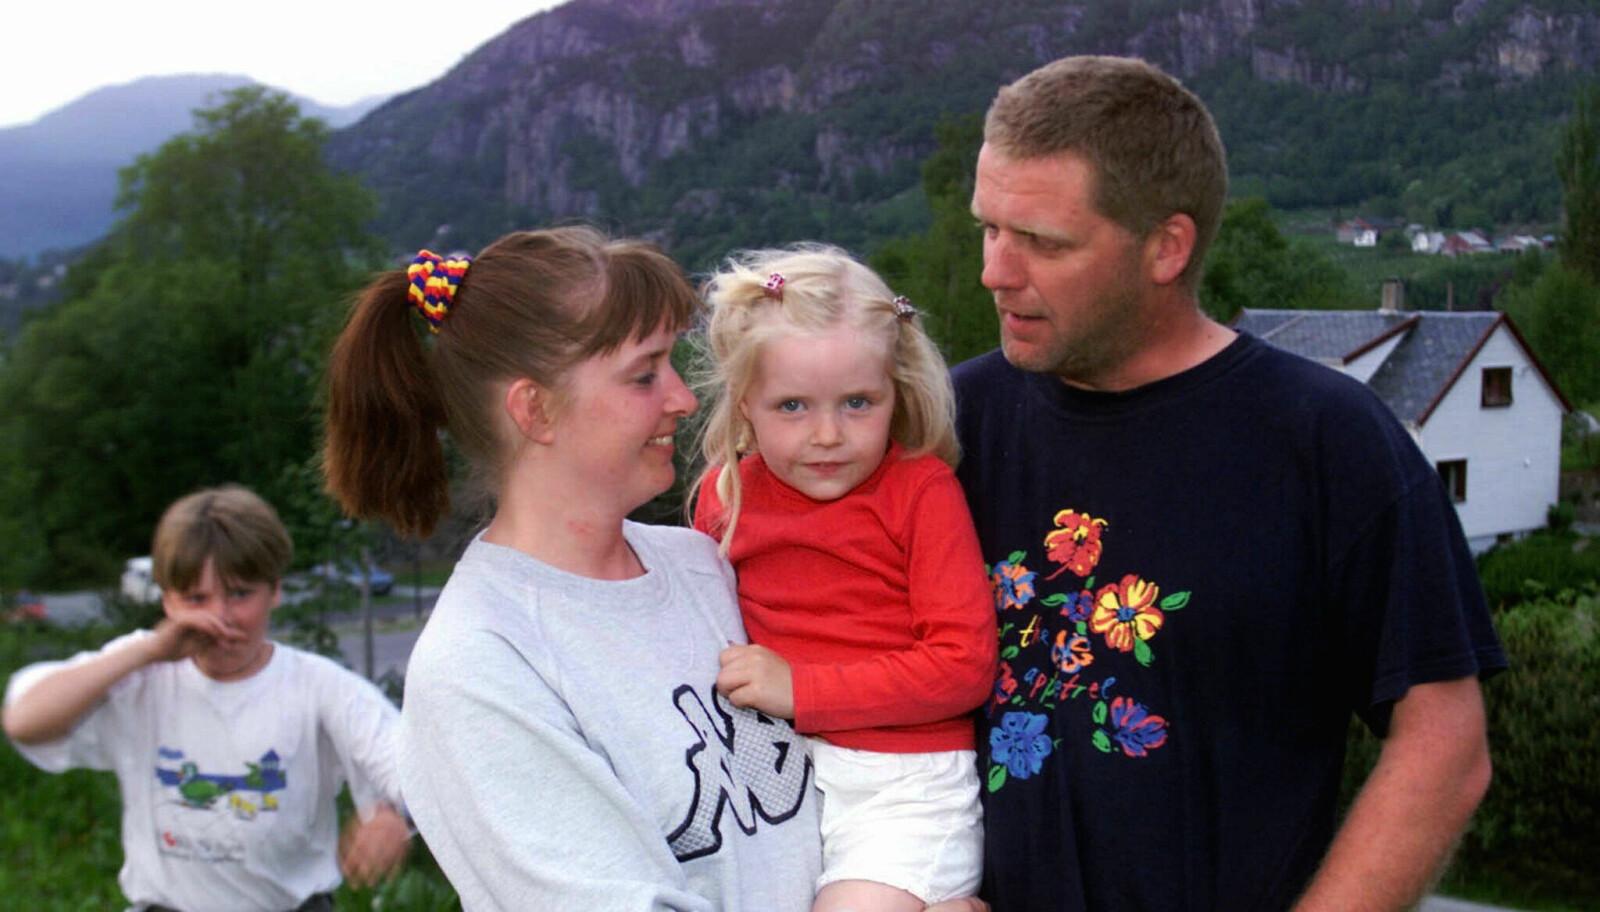 Sandra (4) sitter trygt på armen til mamma Marianne Nising og pappa Sigve Vatland etter å ha vært gissel i barnehagen i fem timer. Storebror Kristoffer løper i bakgrunnen. FOTO: Cornelius Poppe, NTB scanpix